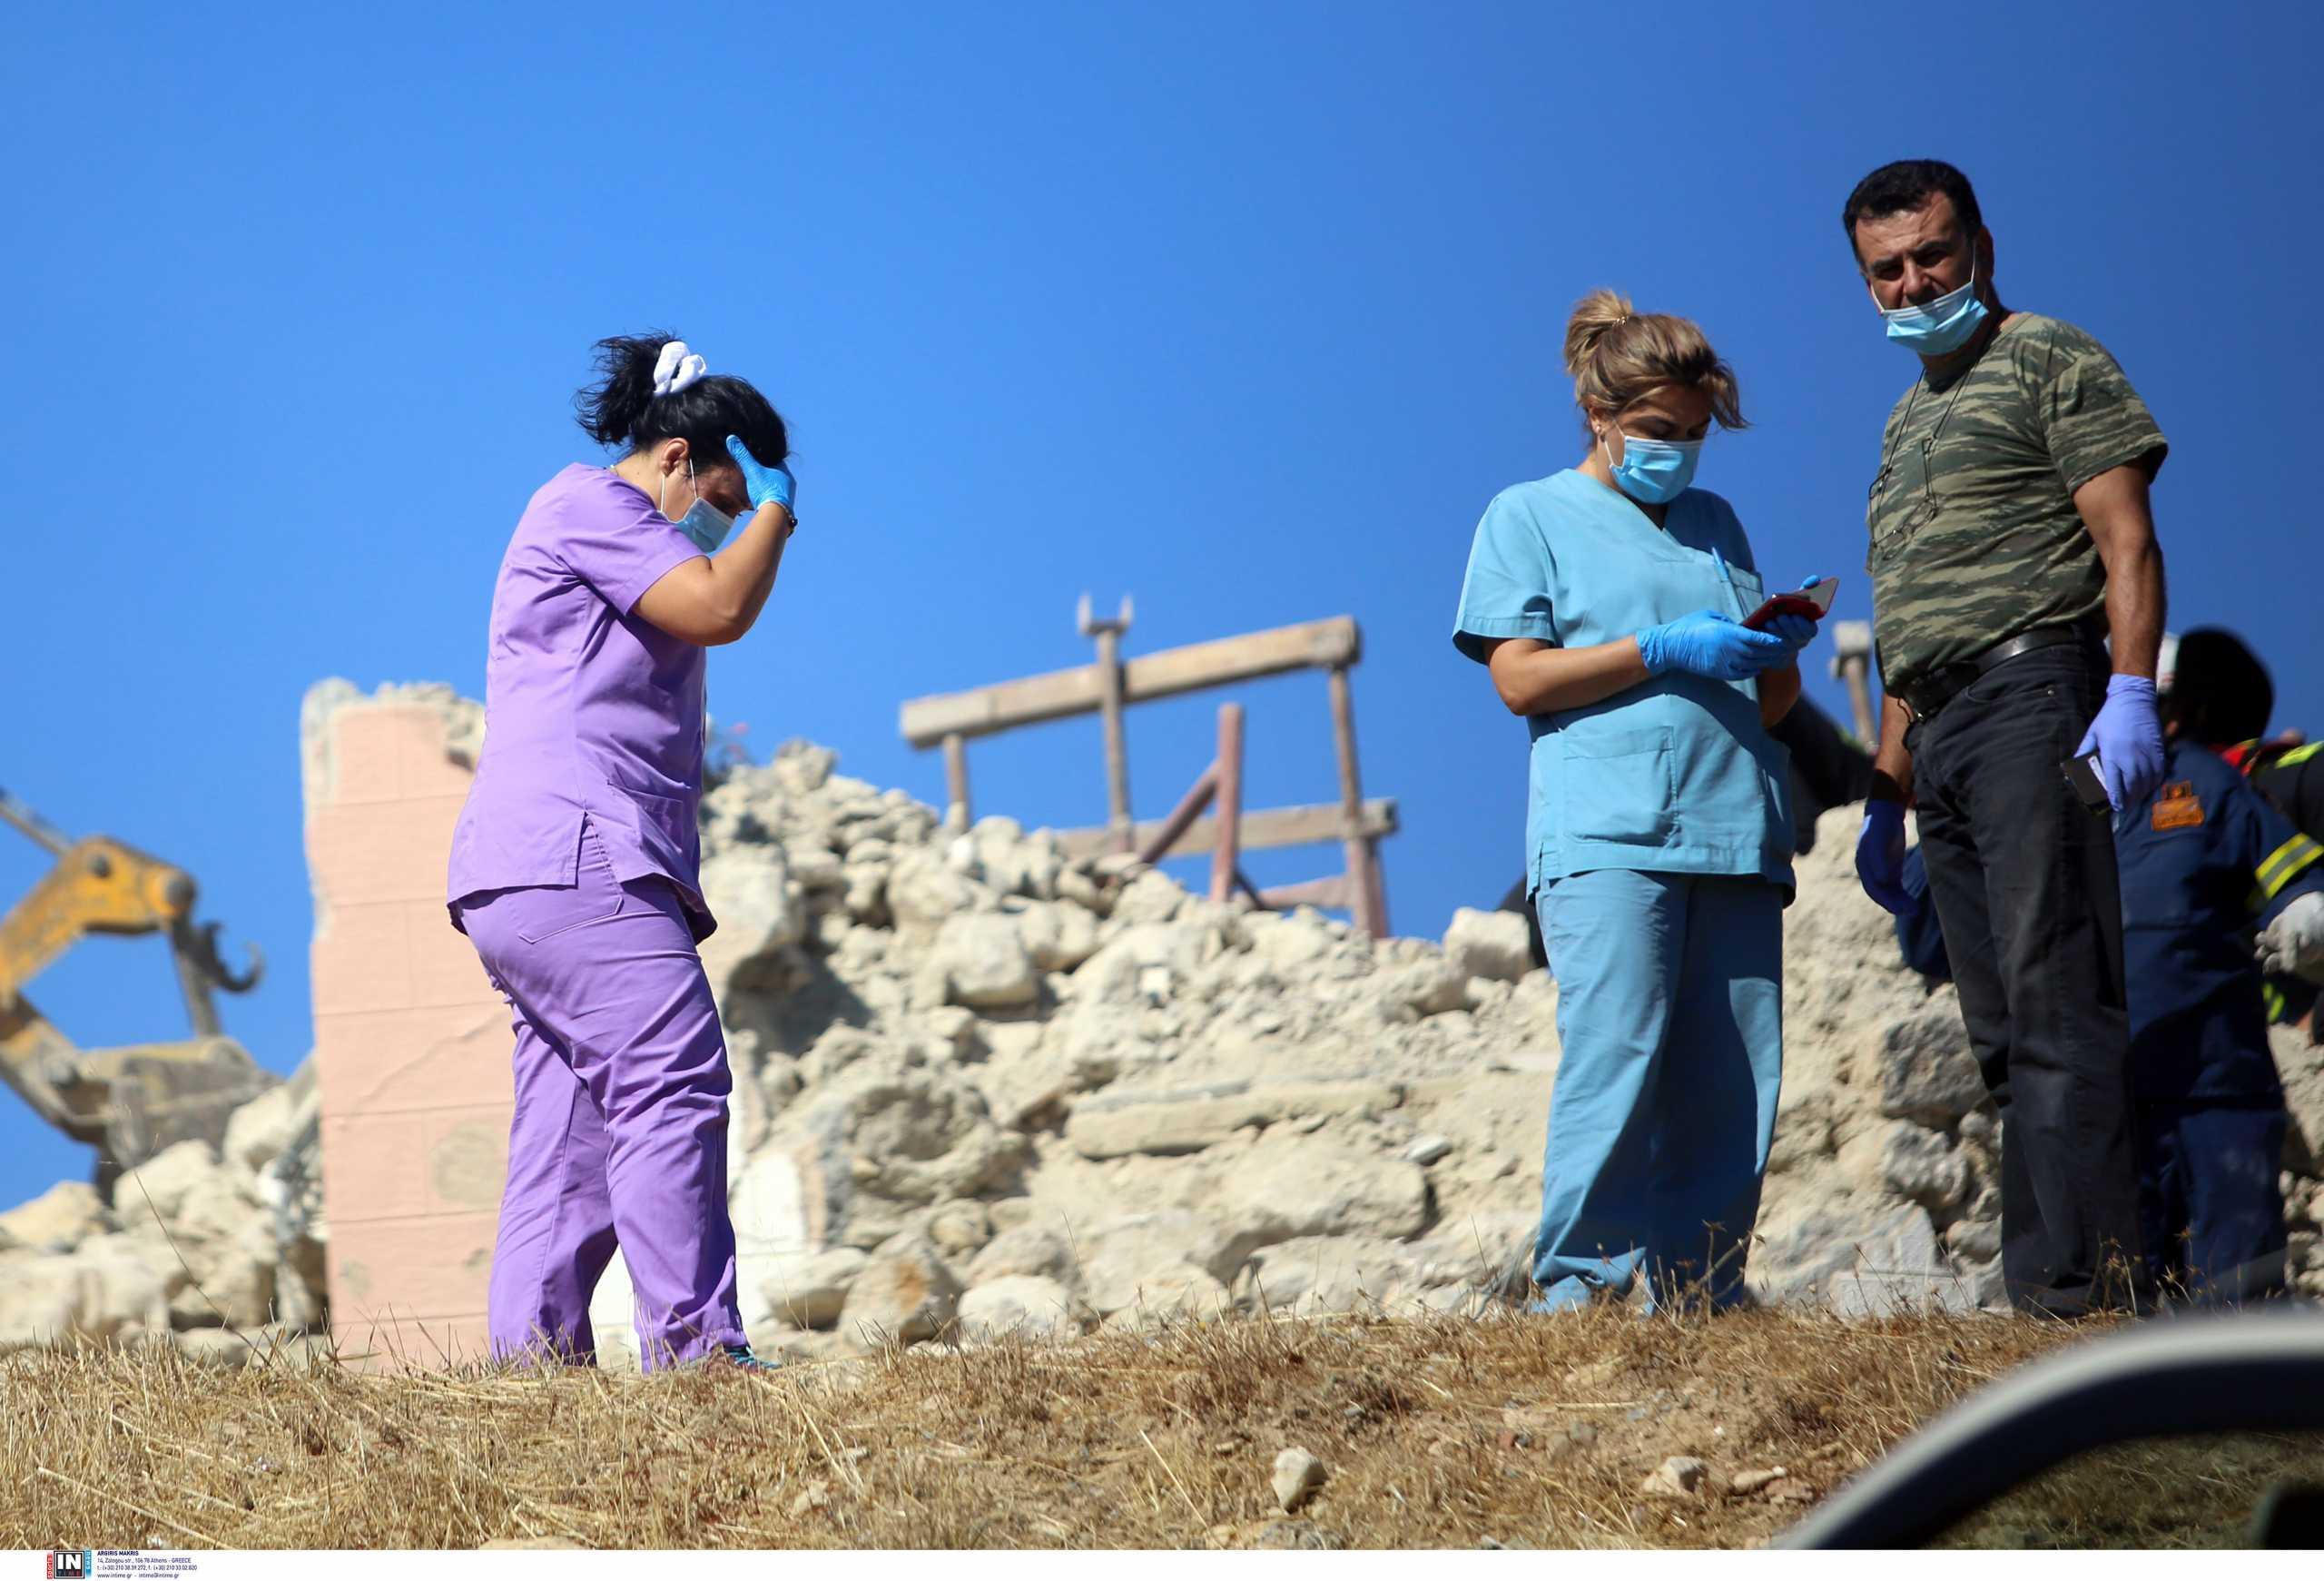 Σεισμός στην Κρήτη: Ένας νεκρός, τραυματίες και εικόνες καταστροφής